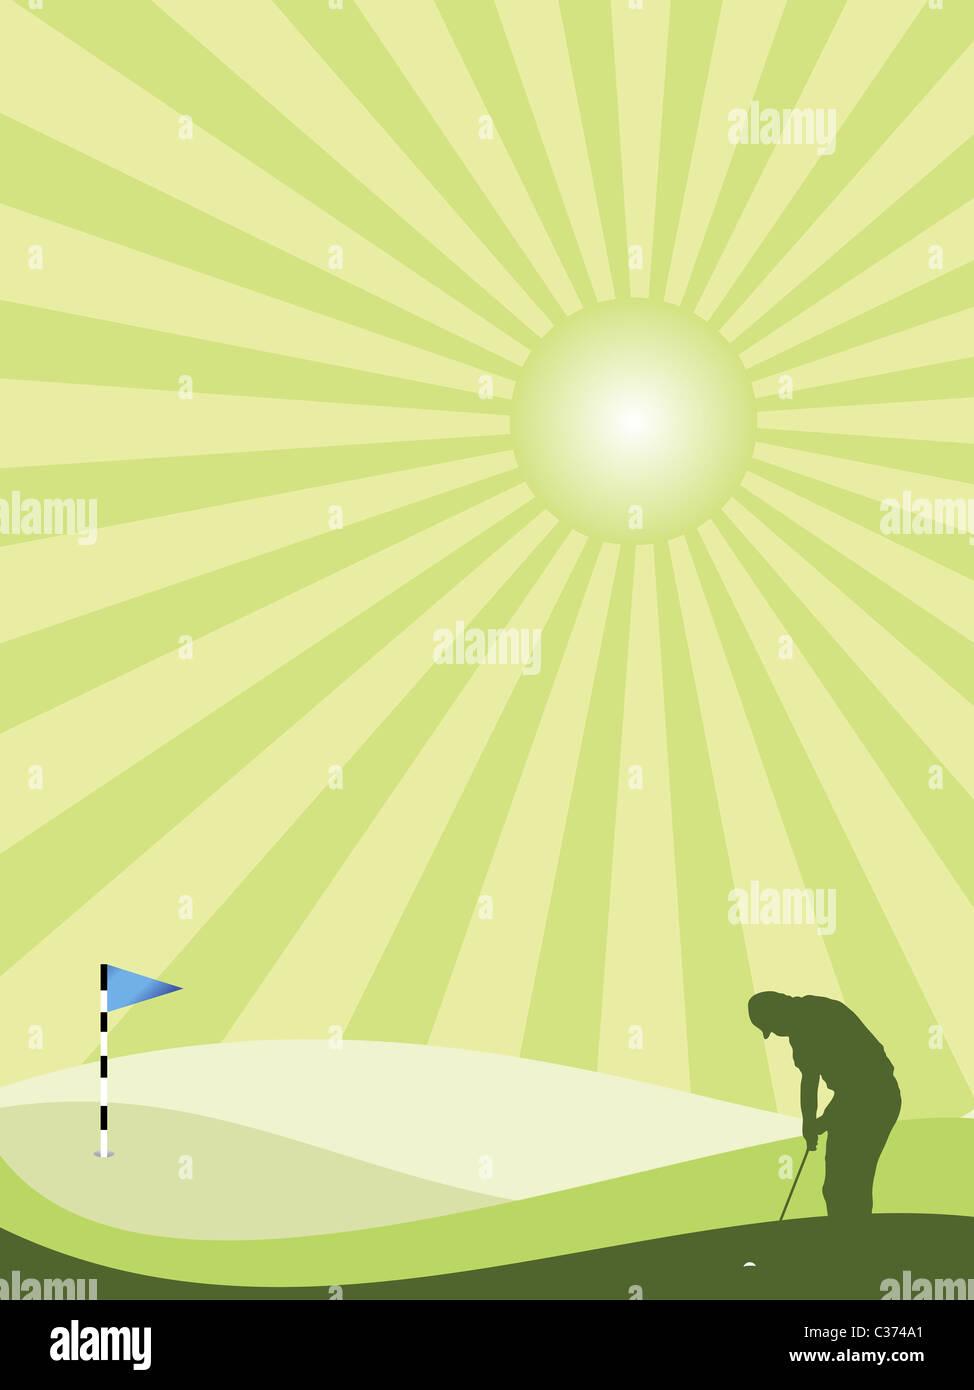 Il Golfer silhouette nella verde campagna di laminazione con sunburst sky Immagini Stock